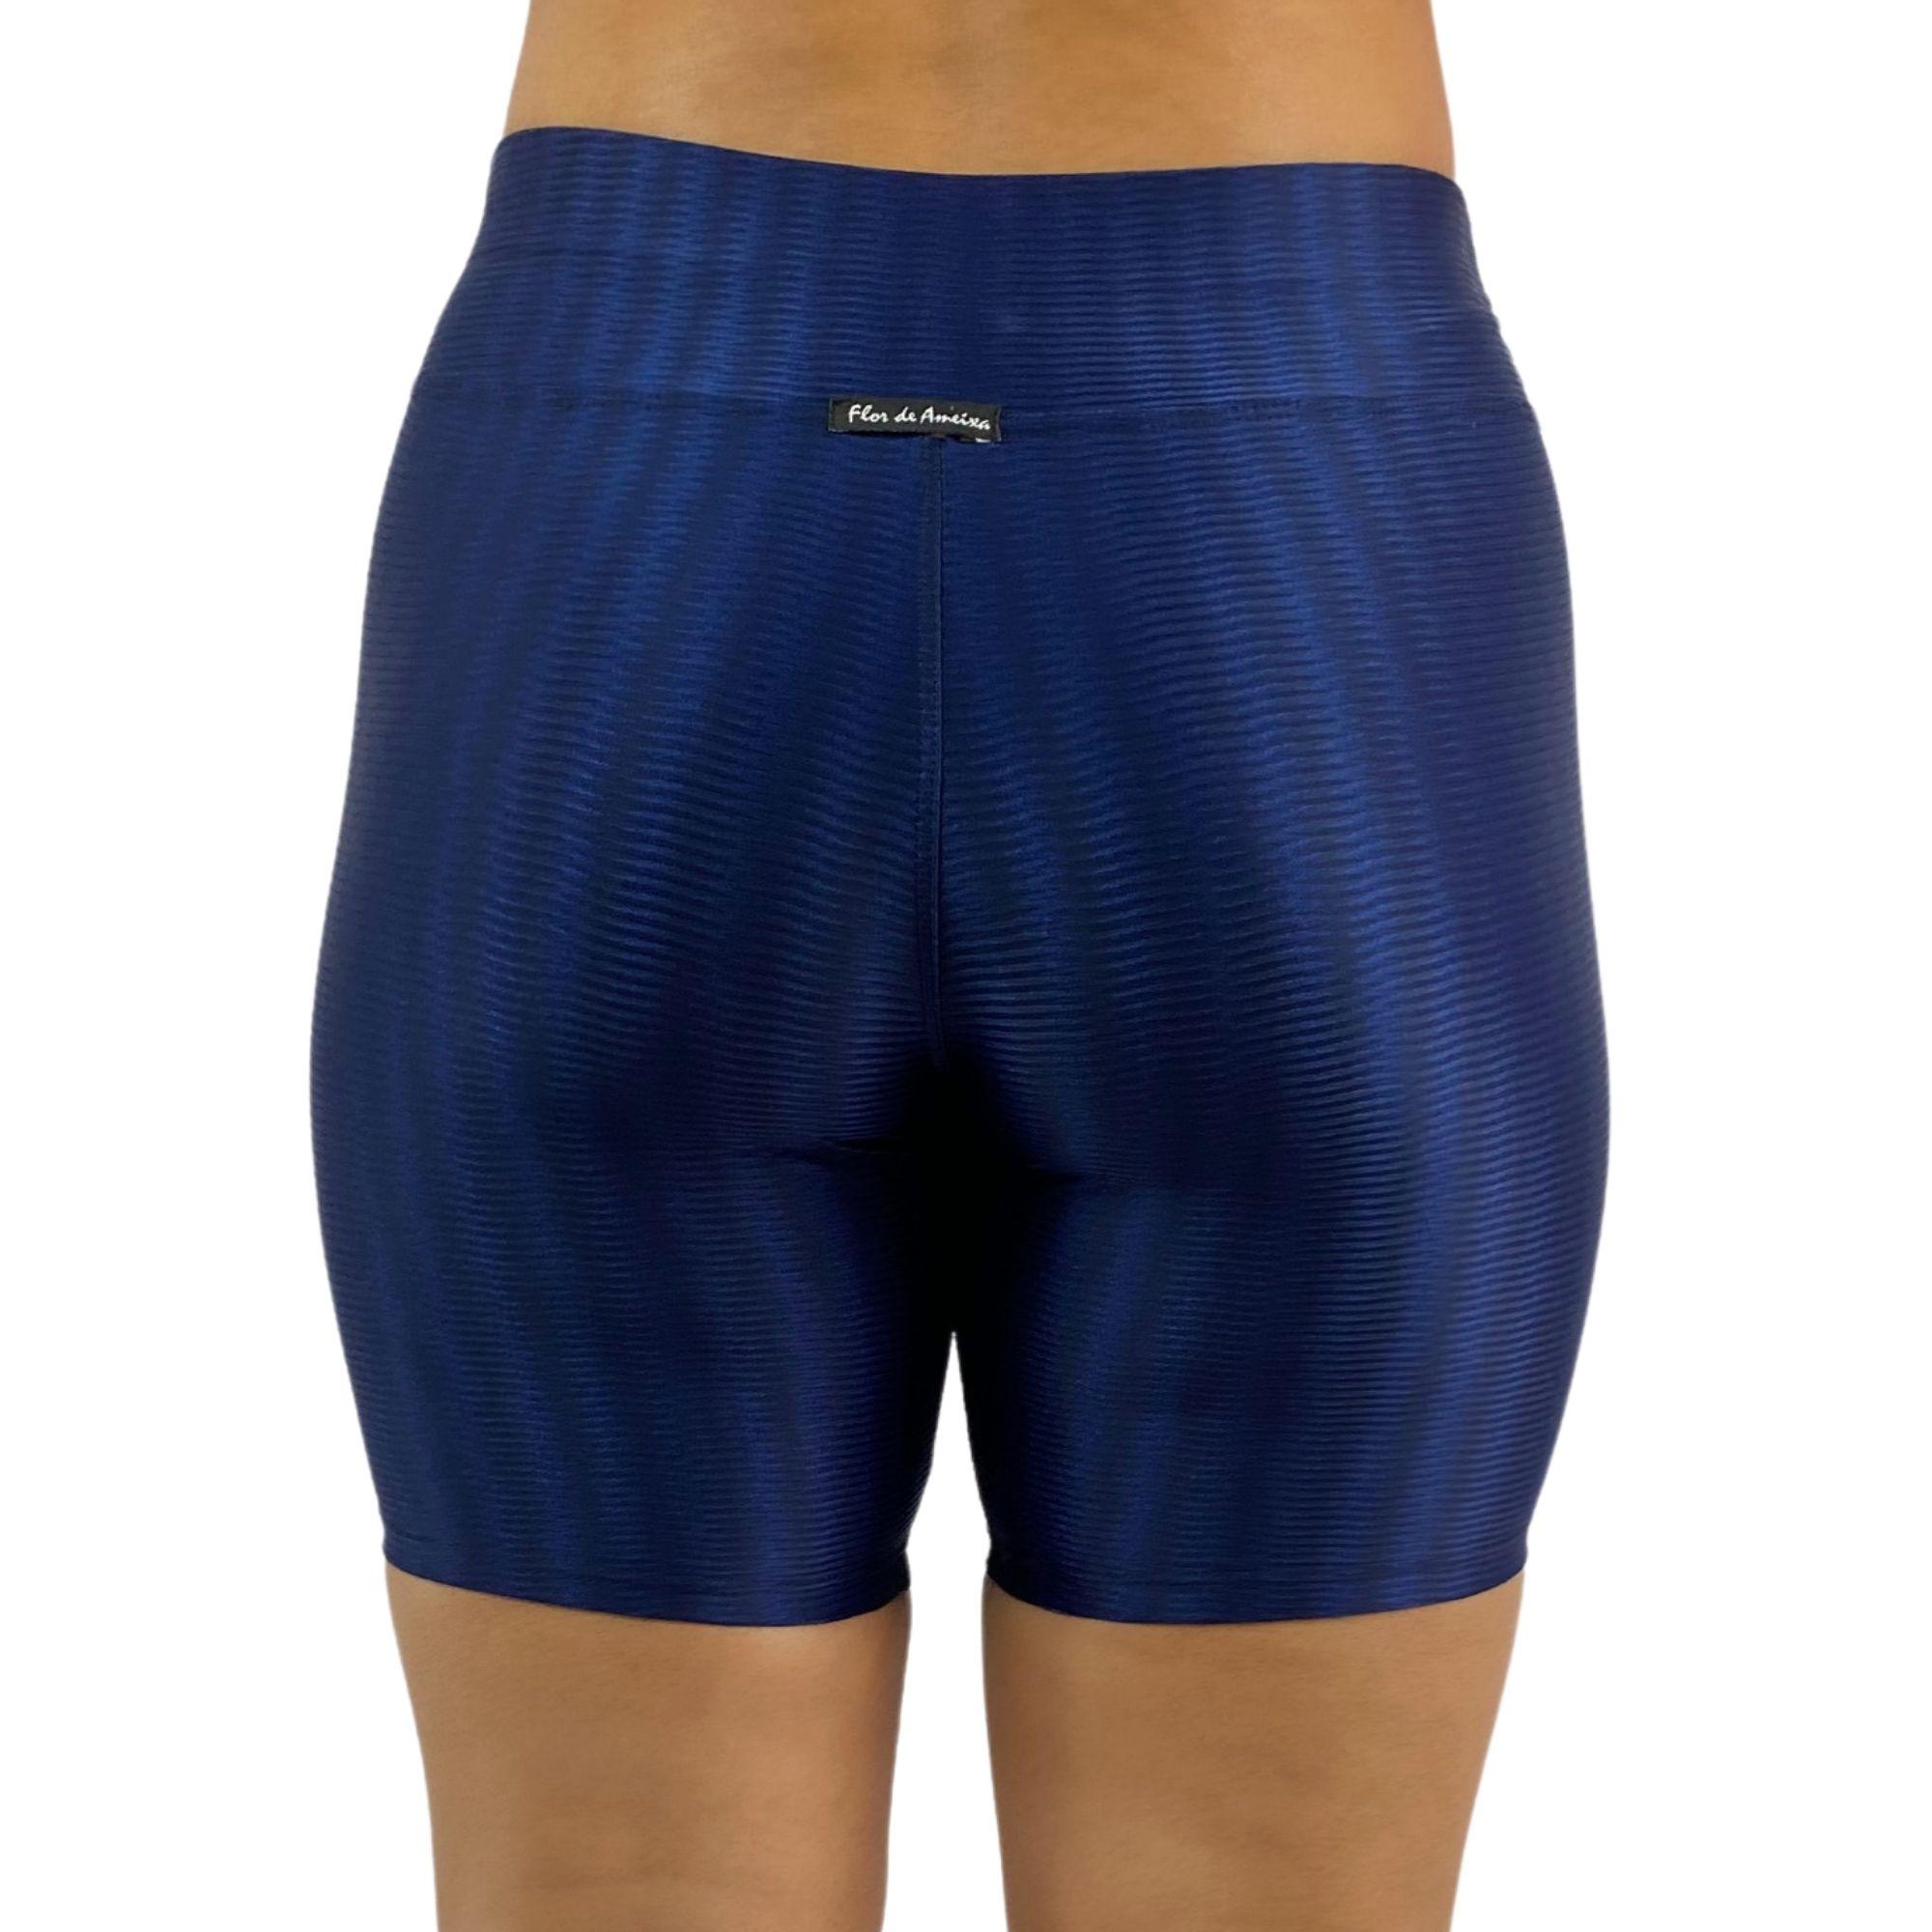 Short Fitness Recomeço Texturizado Azul Marinho